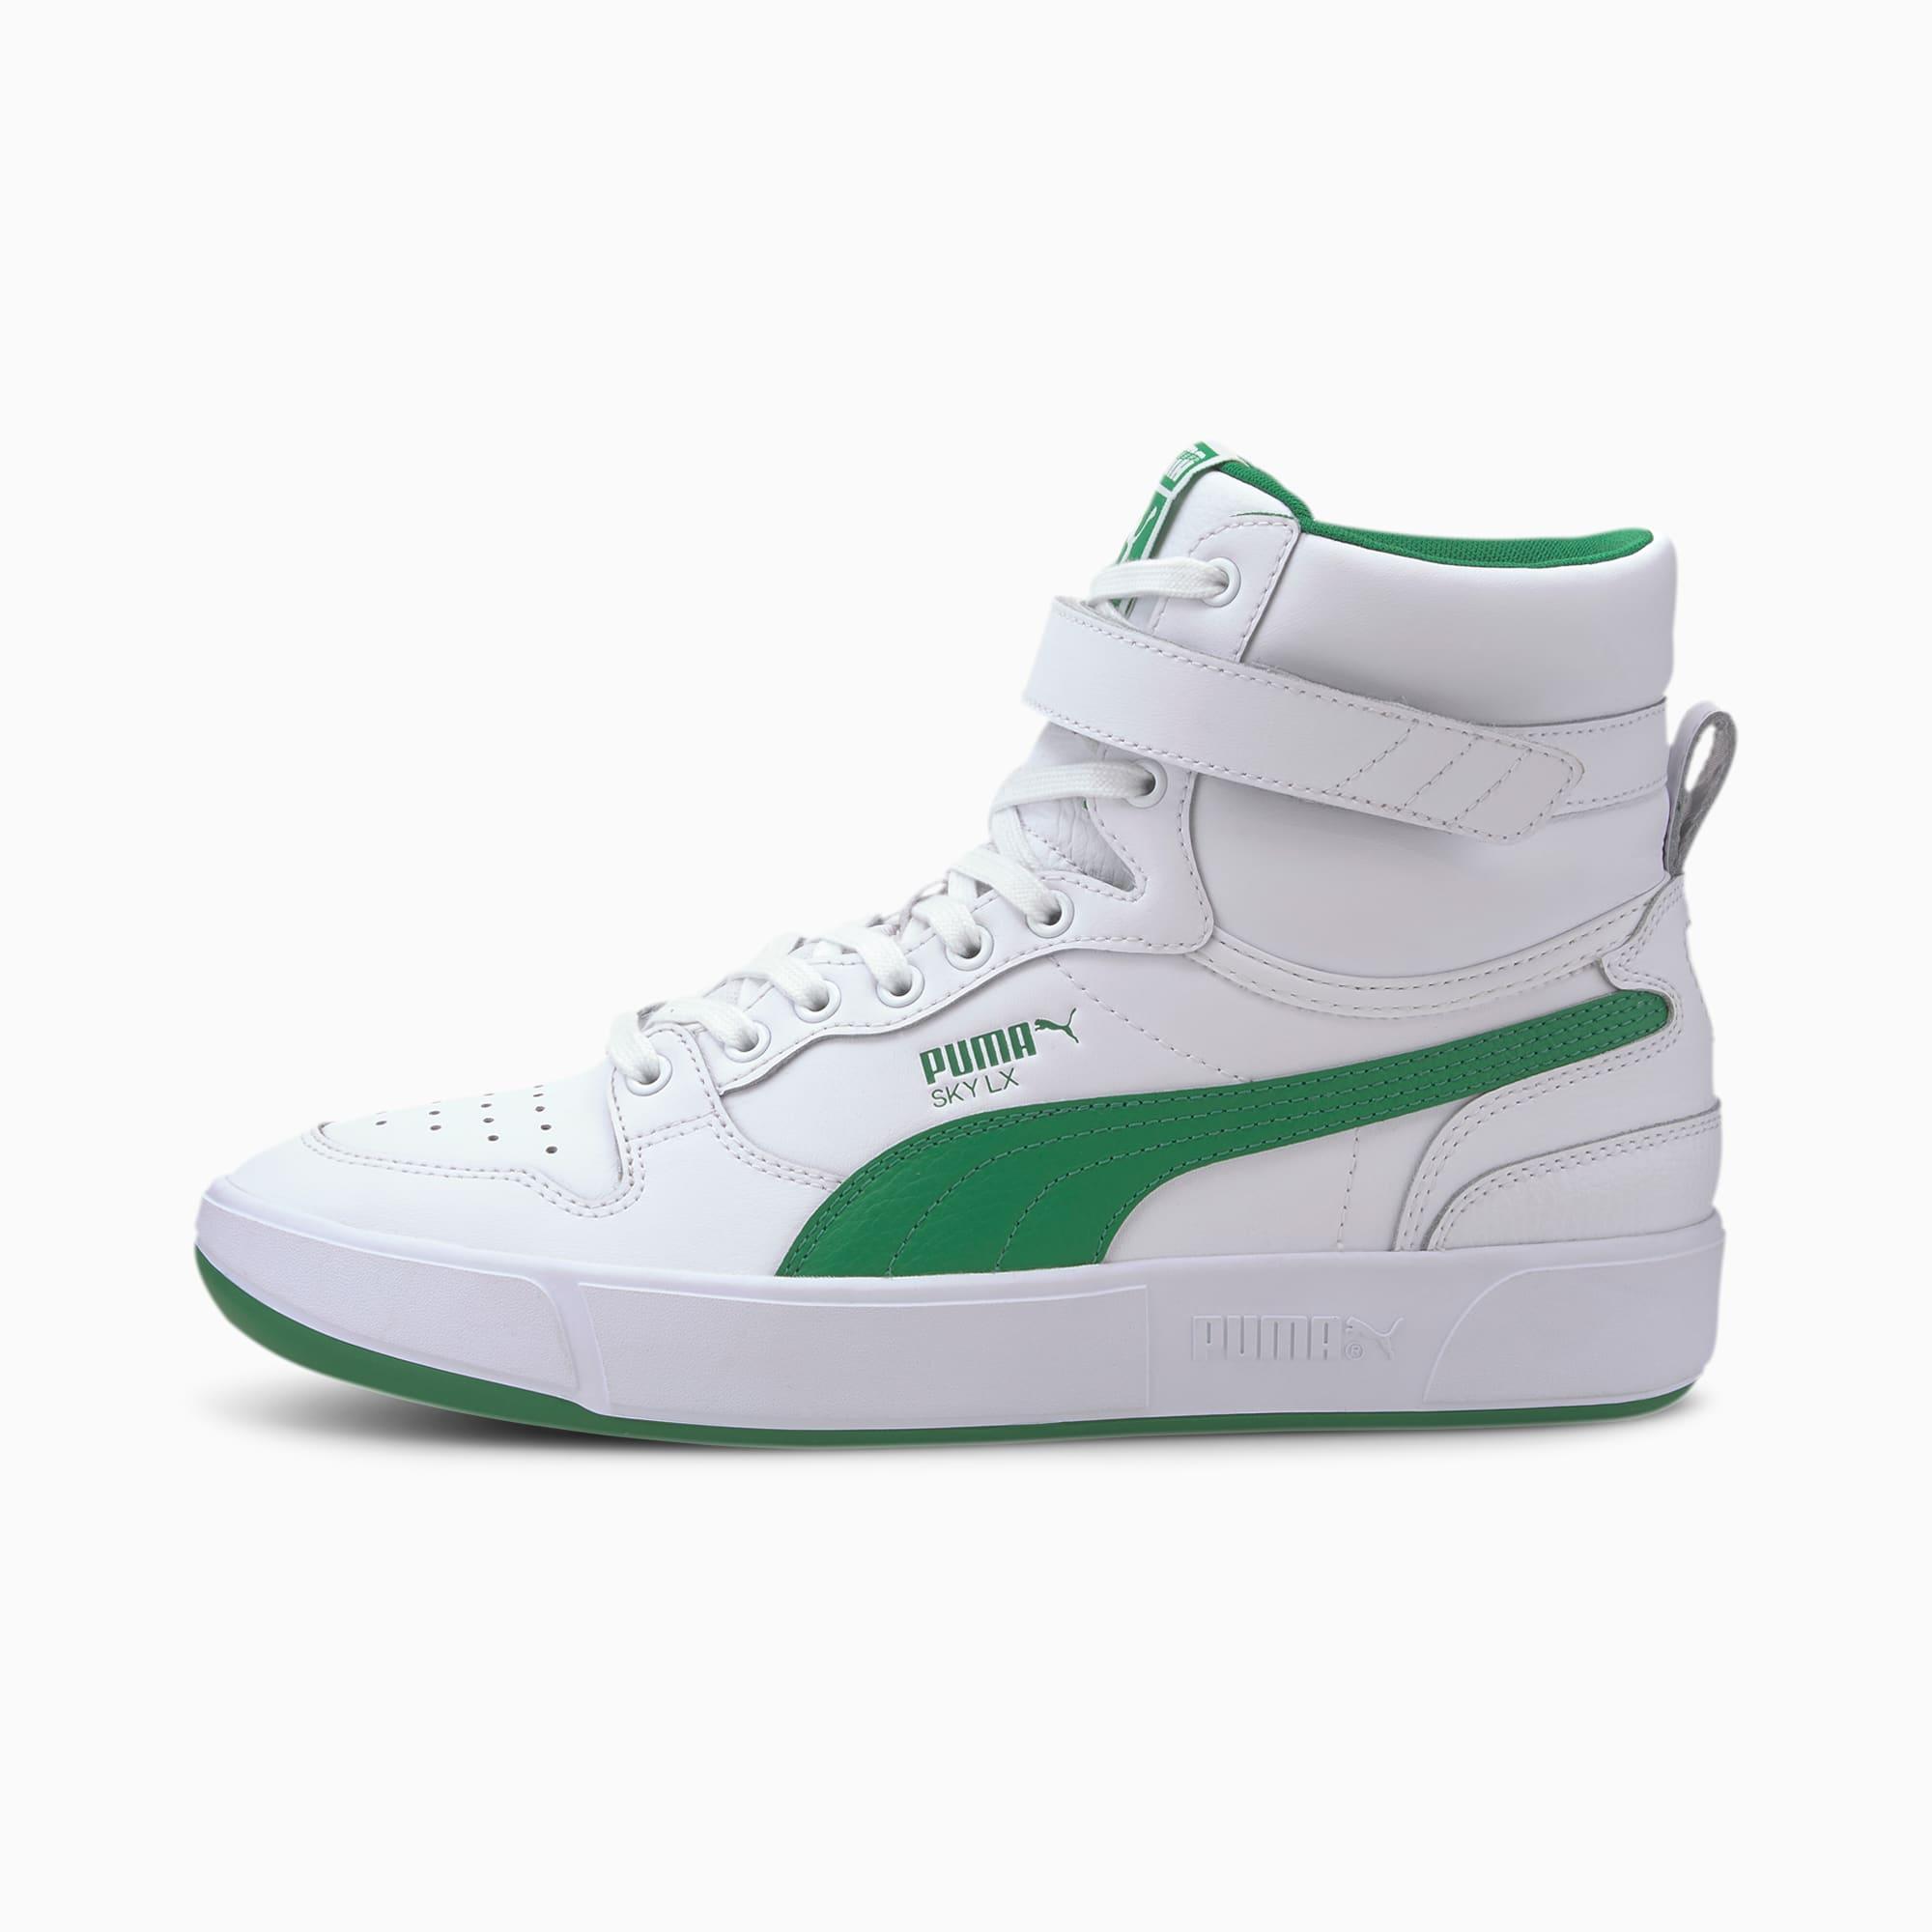 Sky LX Mid Athletic Men's Sneakers